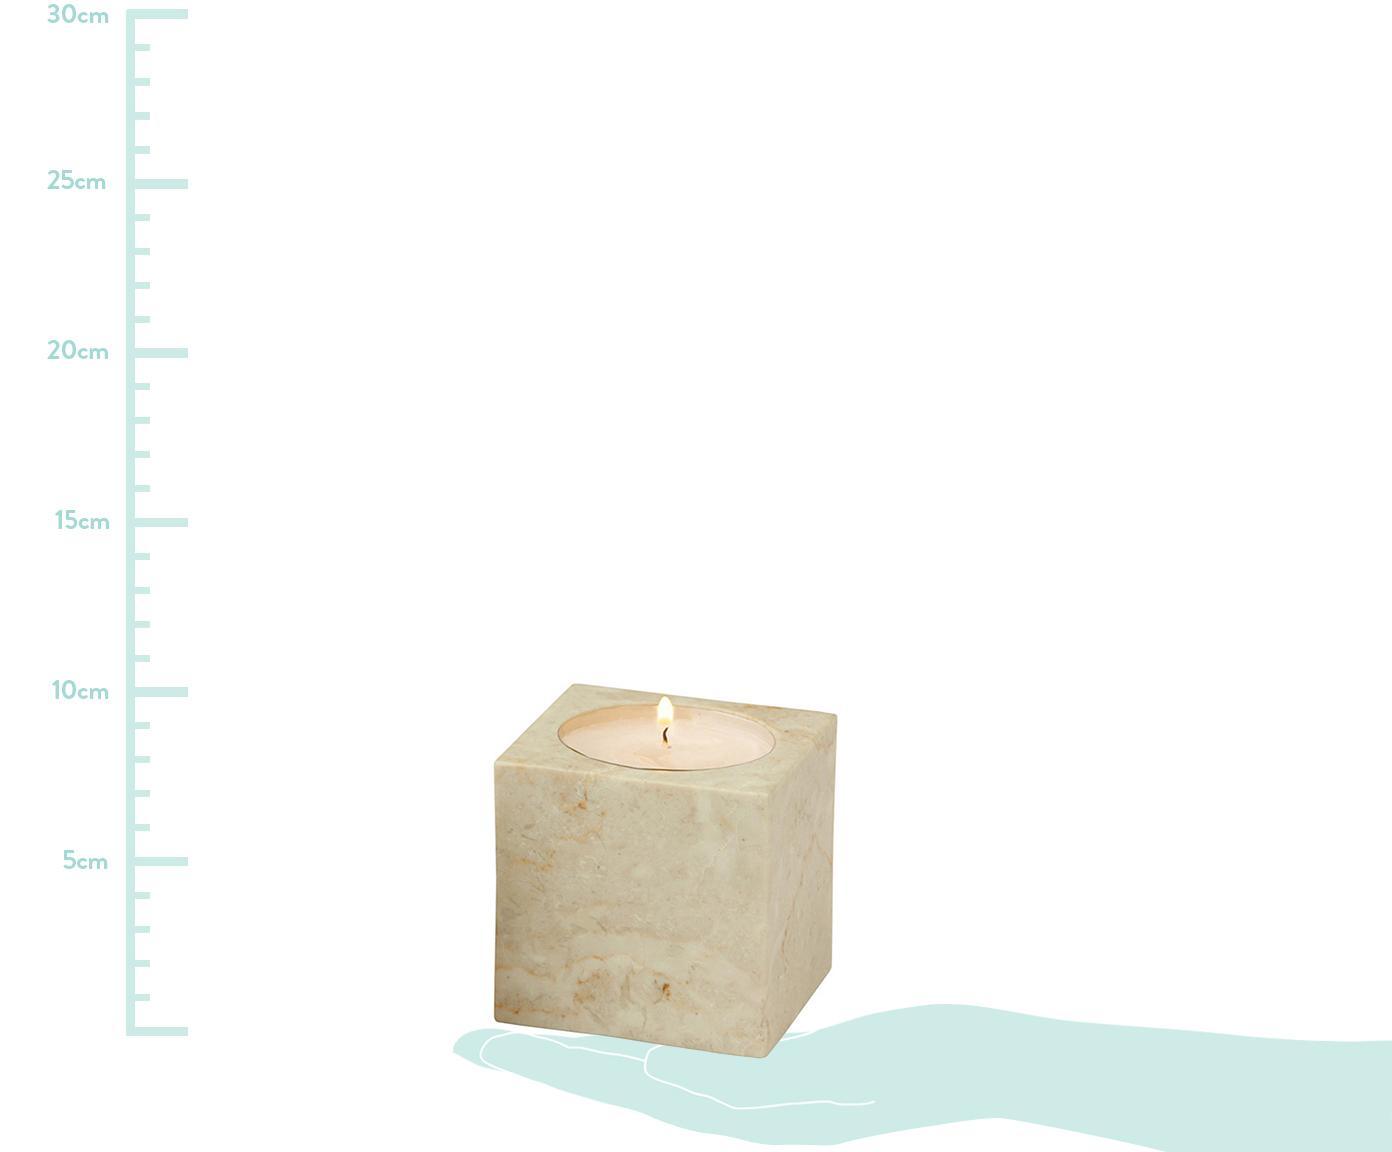 Komplet świeczników na podgrzewacze z marmuru Luxor, 2 elem., Marmur, Beżowy, S 8 x W 8 cm